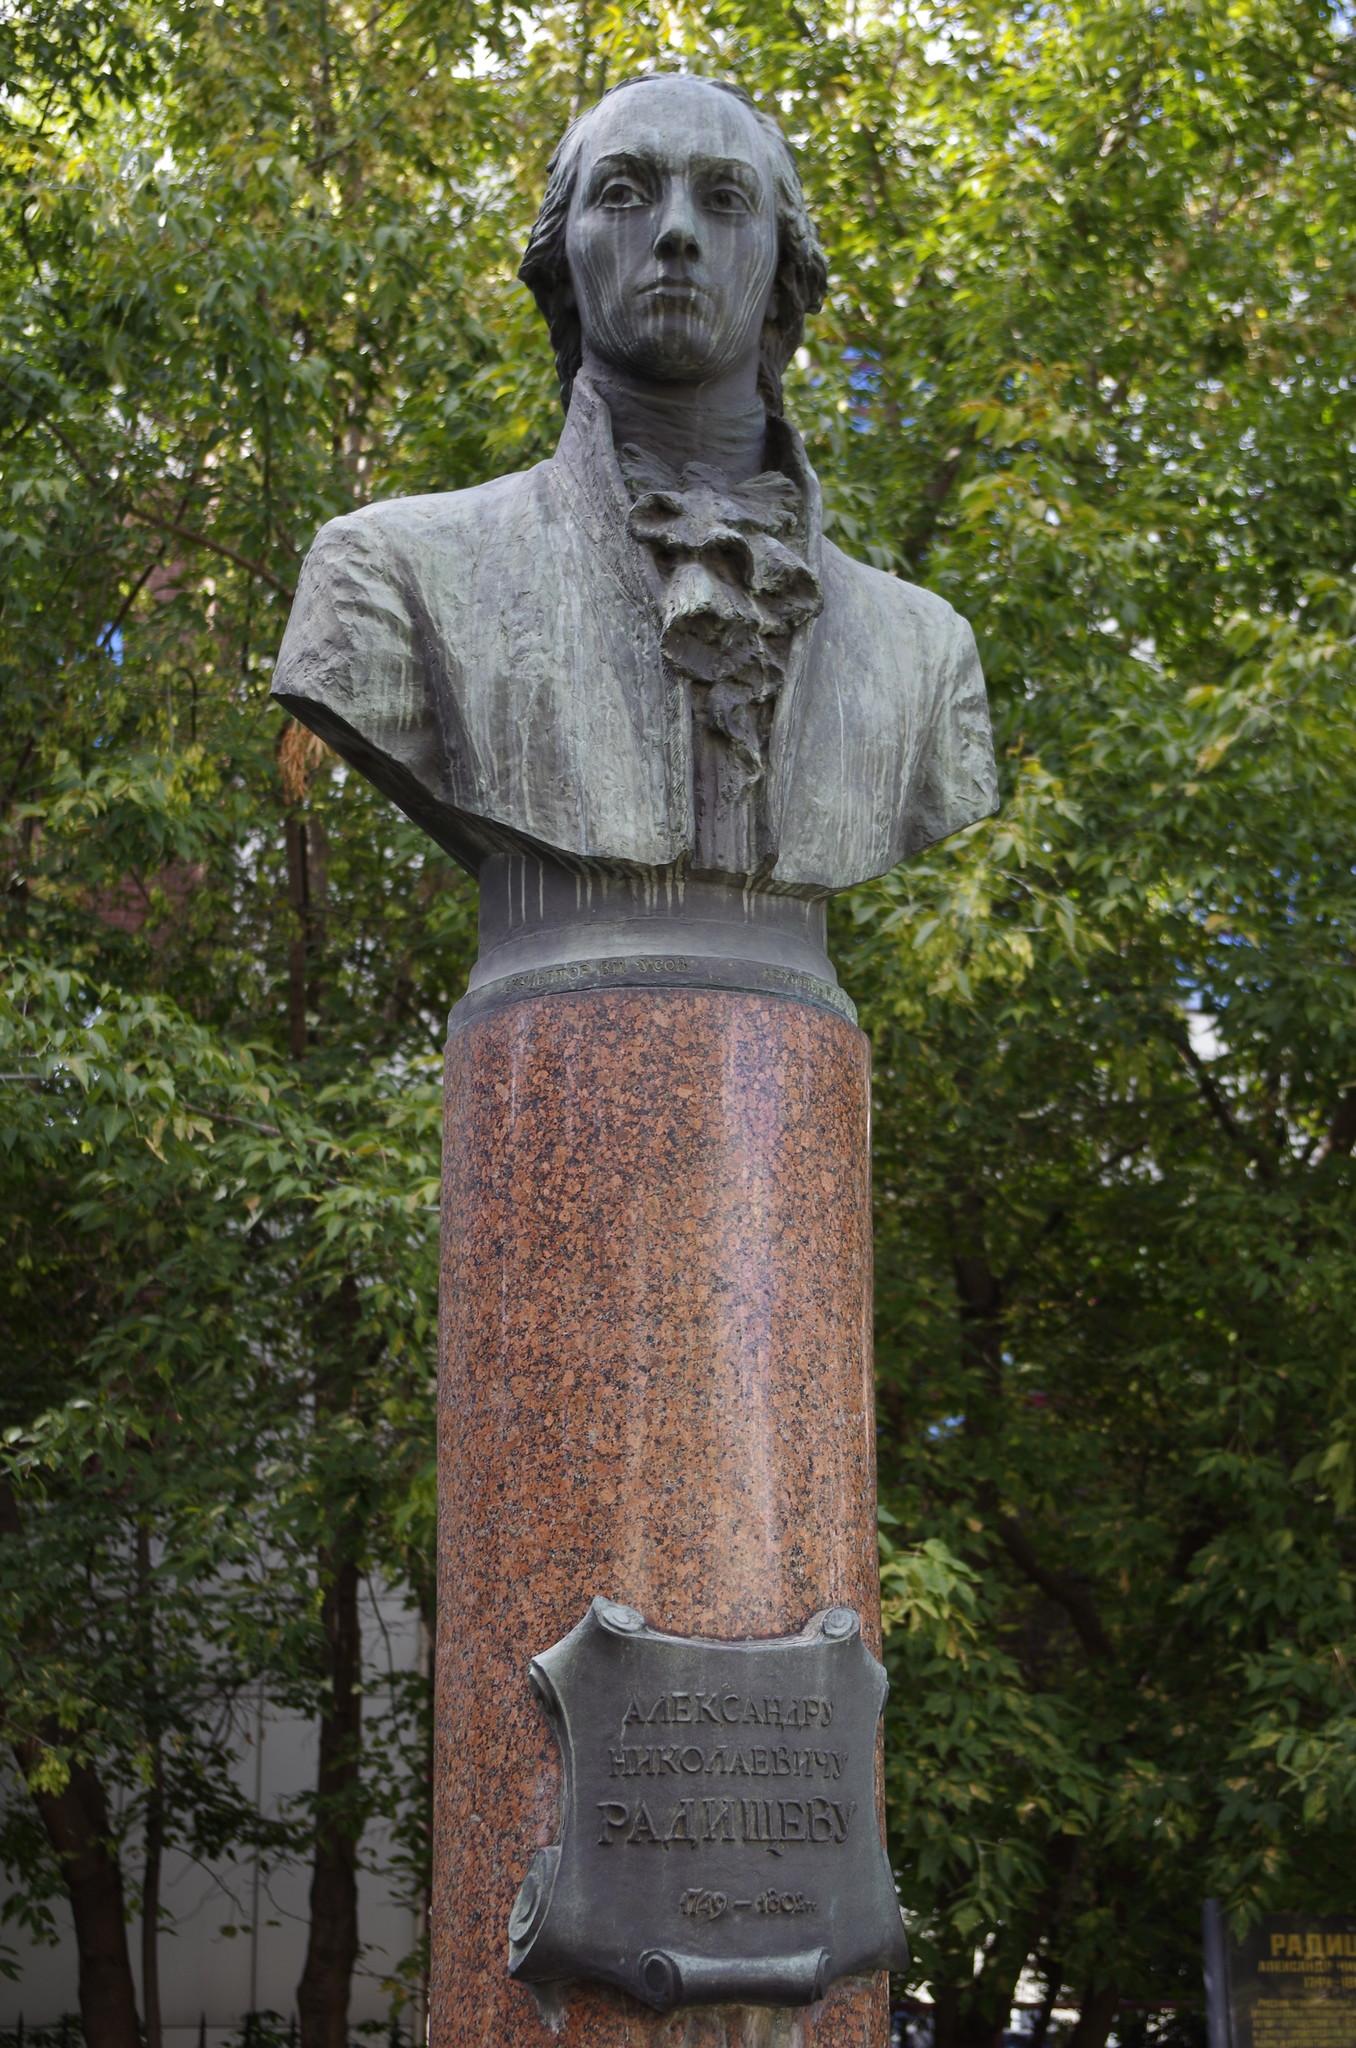 Бетонный бюст Александра Николаевича Радищева в скверена Верхней Радищевской улице